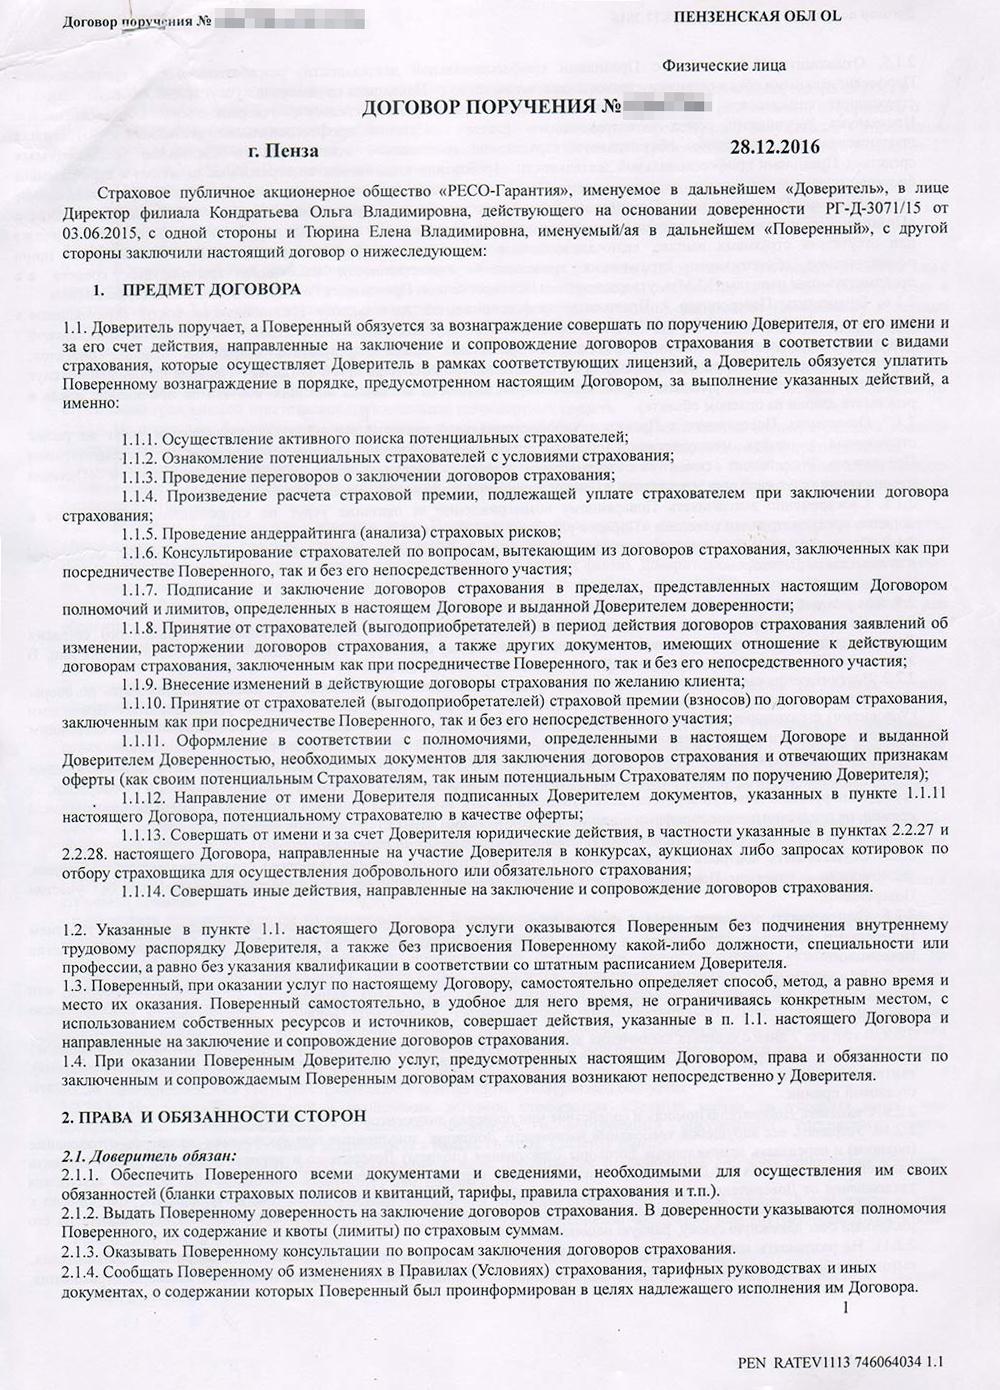 Формы моих агентских договоров. Называются они по-разному: договор поручения, договор возмездного оказания услуги, наконец, агентский договор